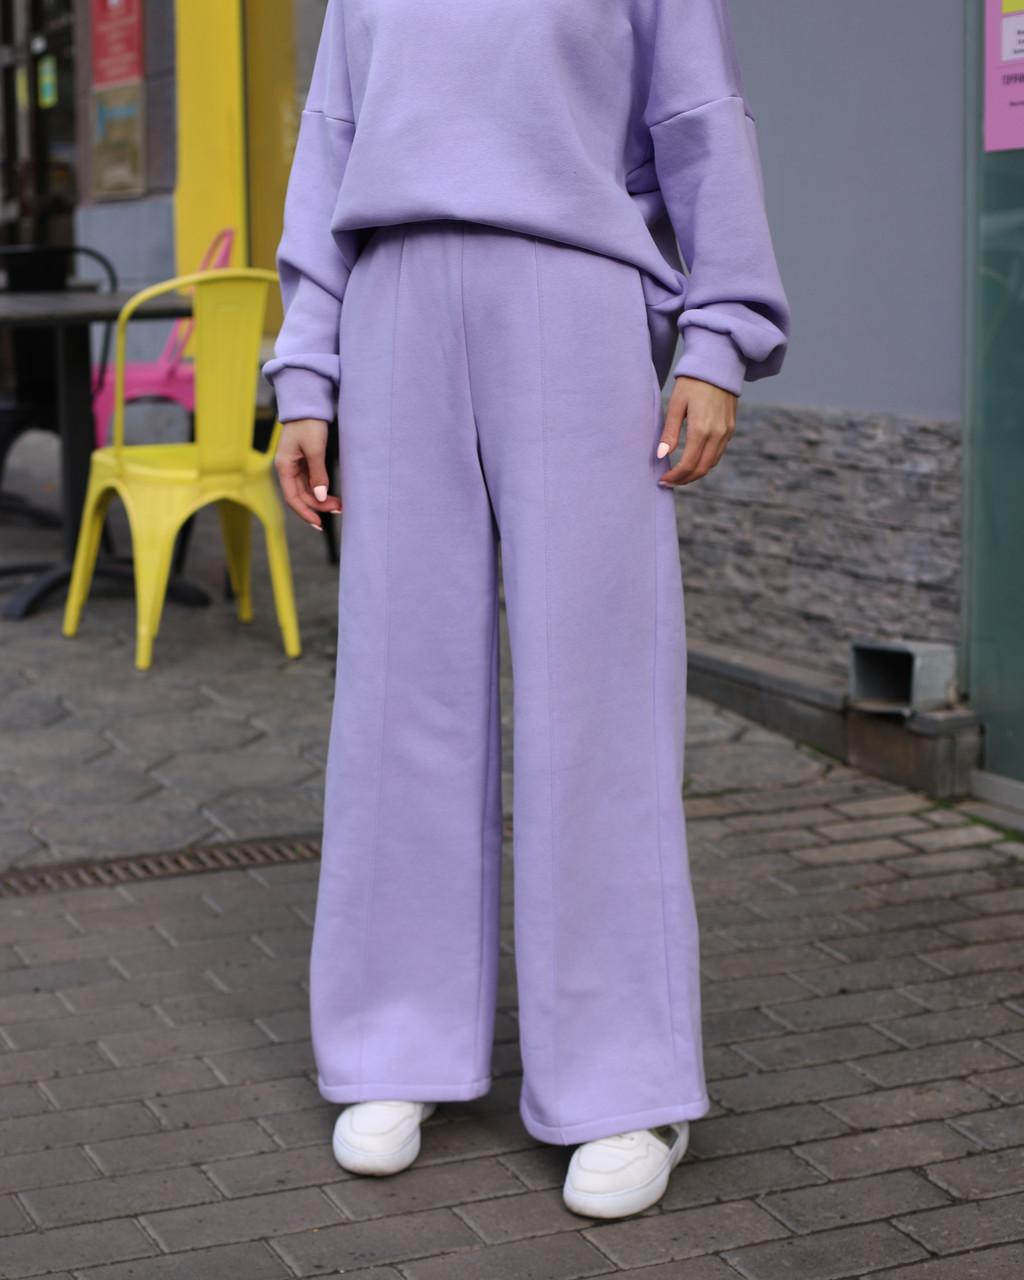 Зимнее спортивные штаны женские лиловые Джин от бренда ТУР  размер: S-M